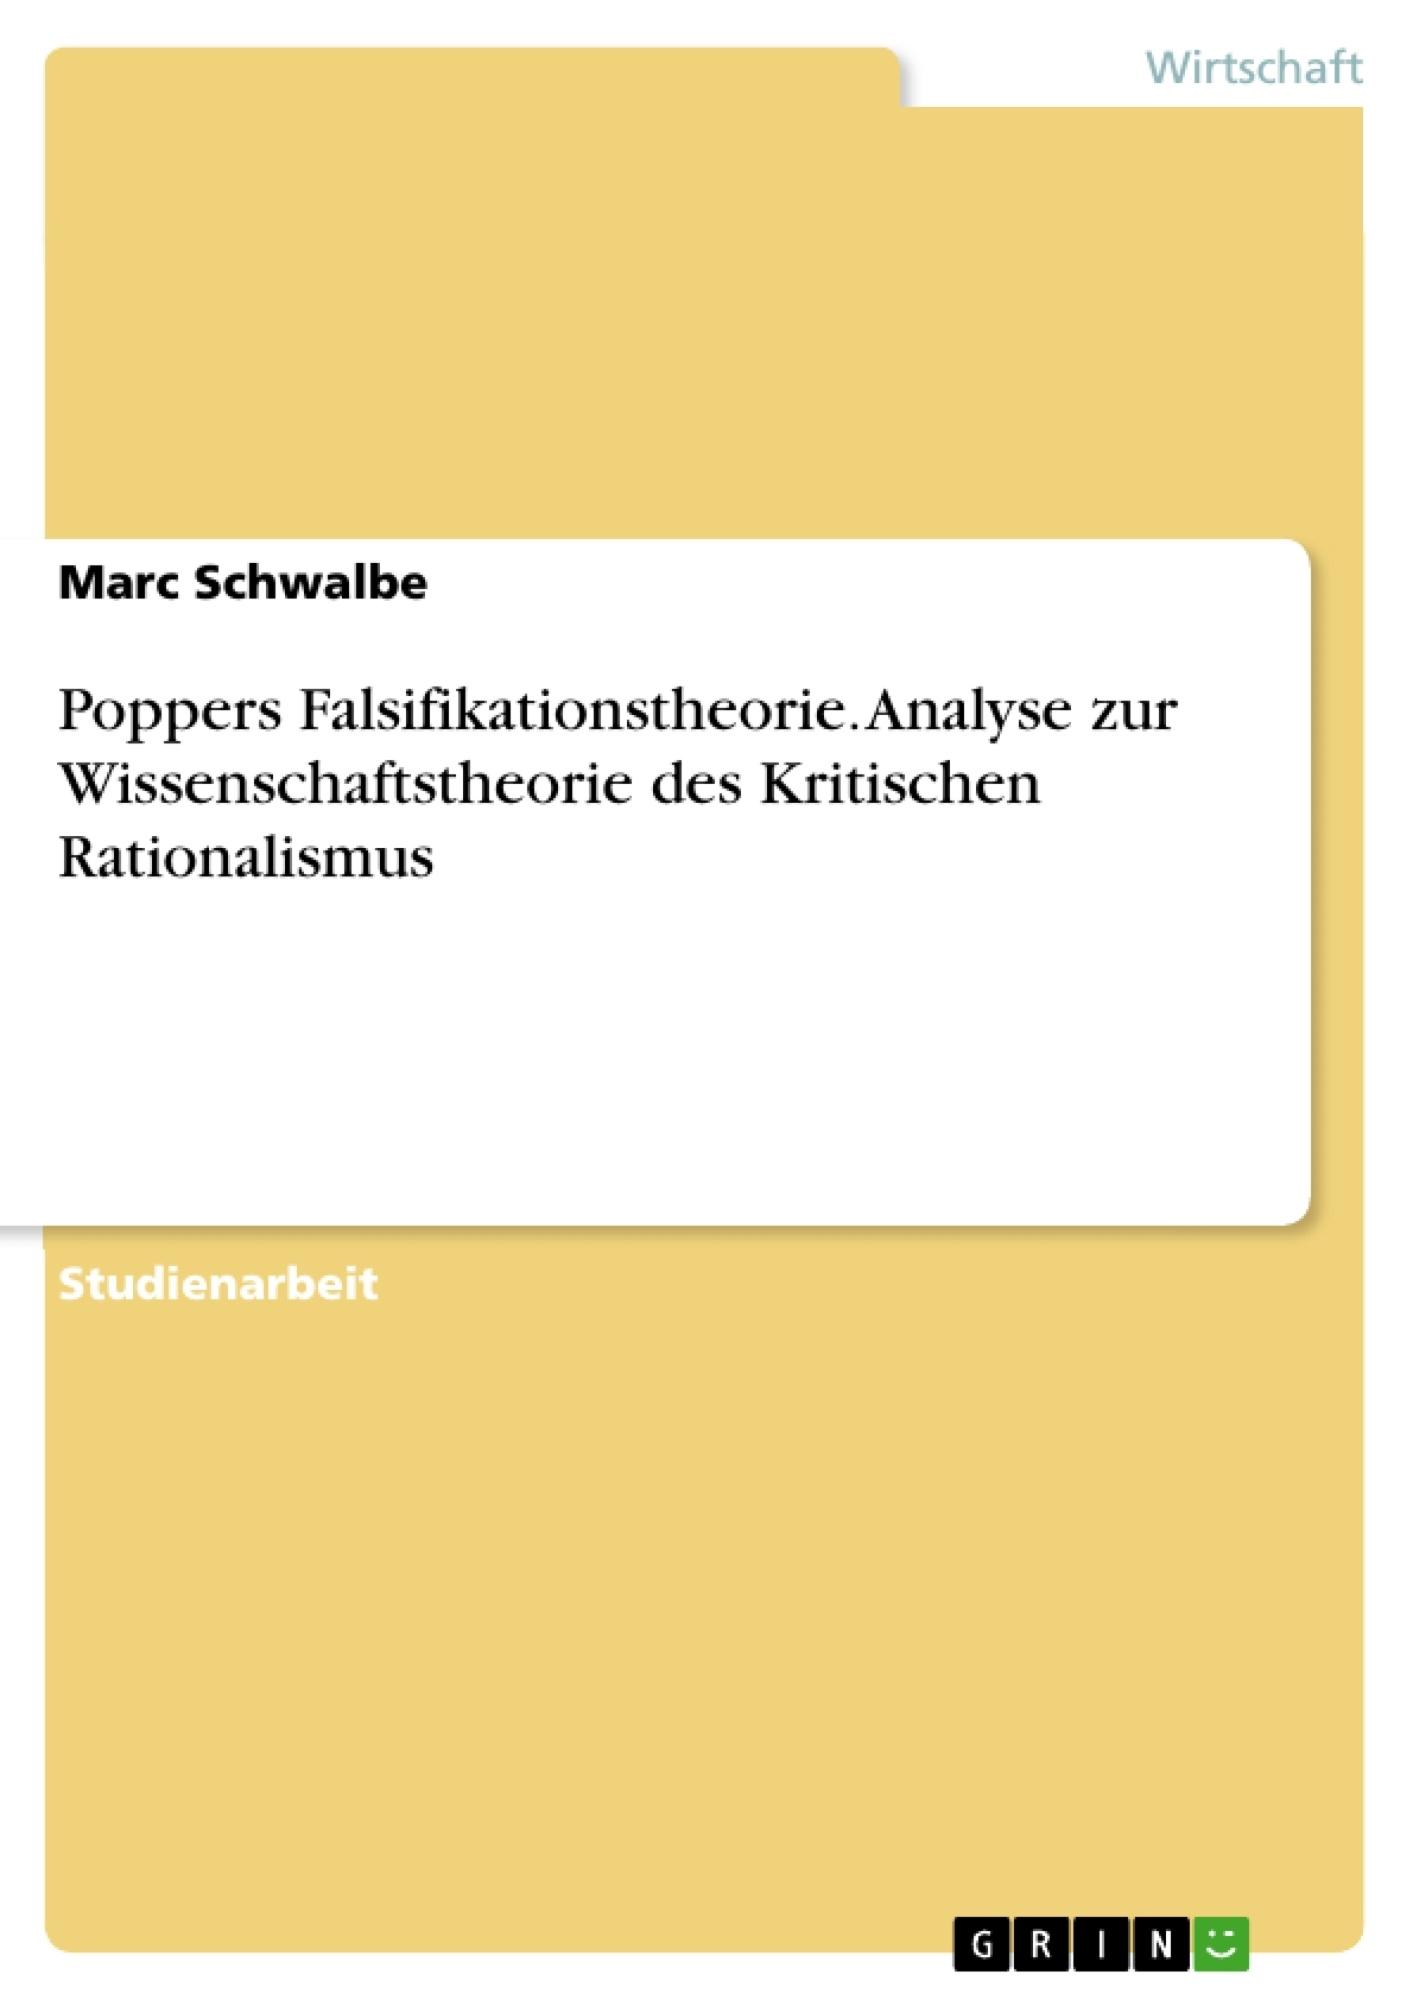 Titel: Poppers Falsifikationstheorie. Analyse zur Wissenschaftstheorie des Kritischen Rationalismus